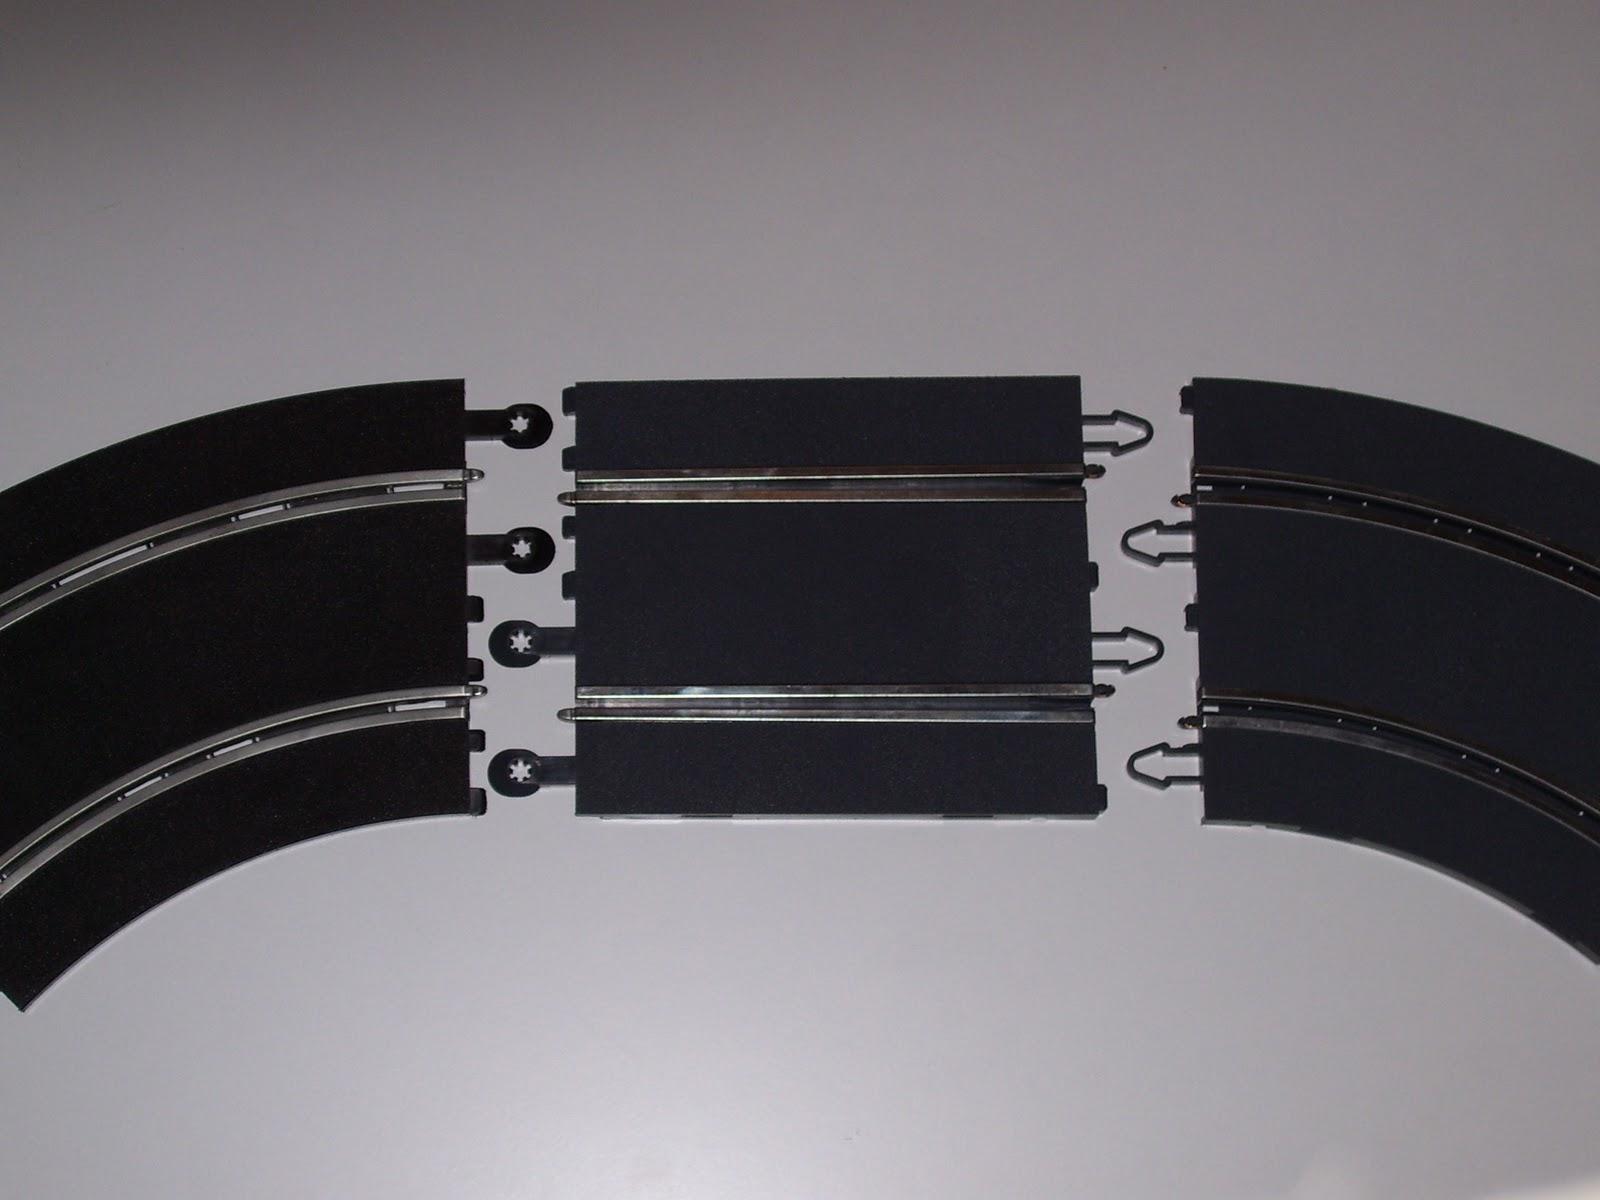 Mis circuitos de slot la mayor colecci n de dise os de scalextric del mundo nota n 40 las - Decoracion scalextric ...